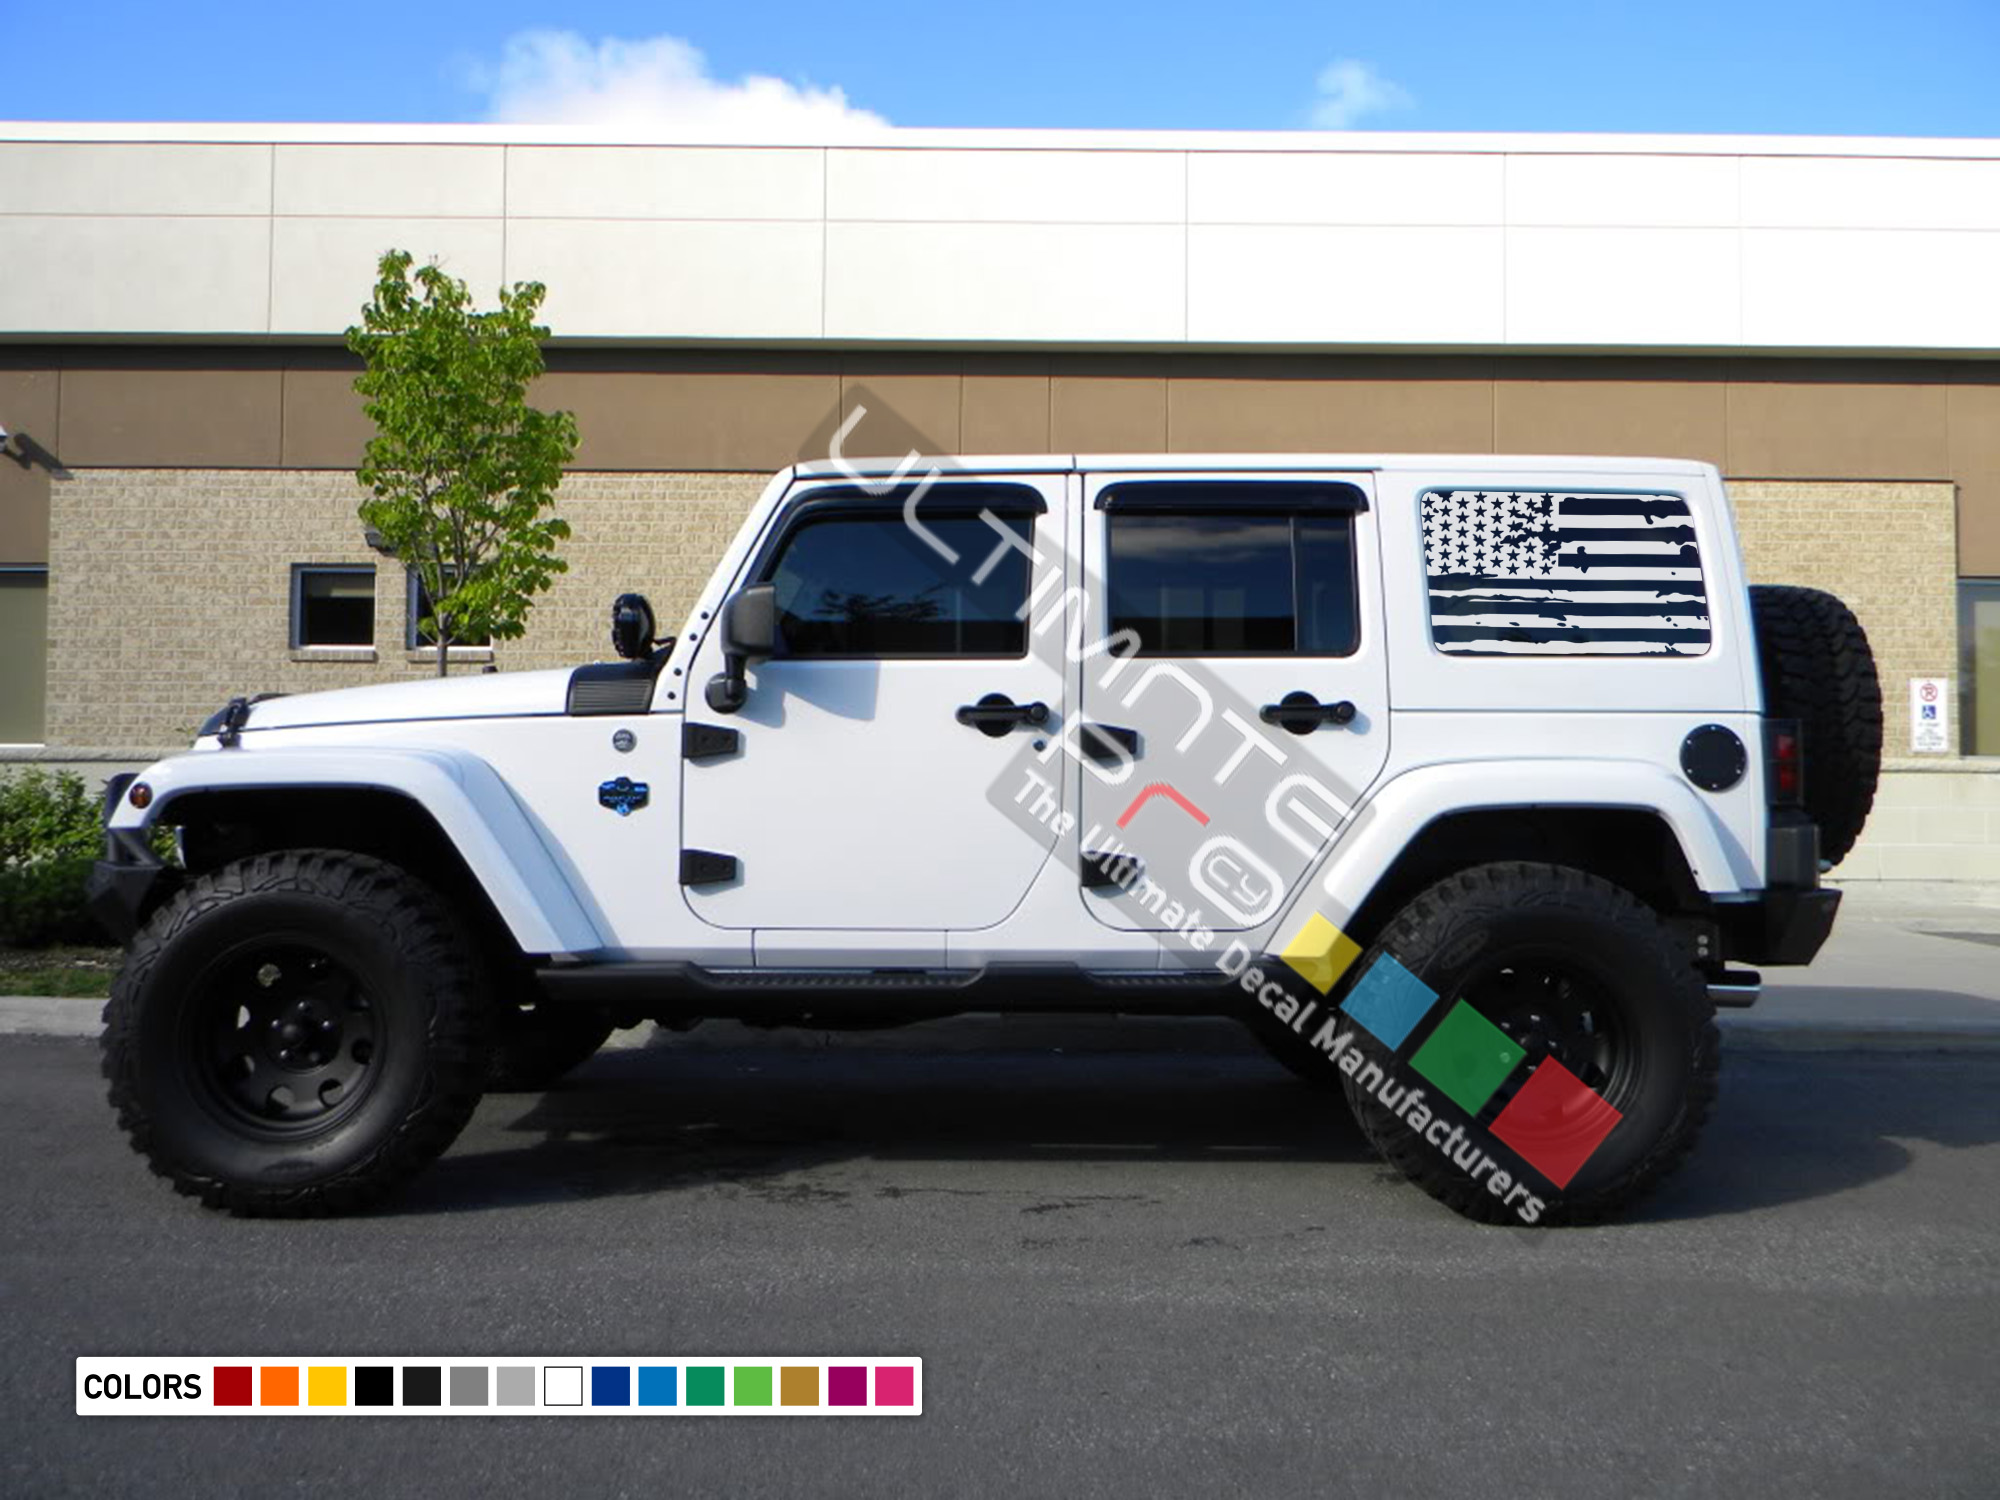 [SCHEMATICS_48IS]  wrangler decals sticker side doors stripes 2007 - Present | 2017 Jeep Cherokee Windshield Banner |  | ultimateprocy